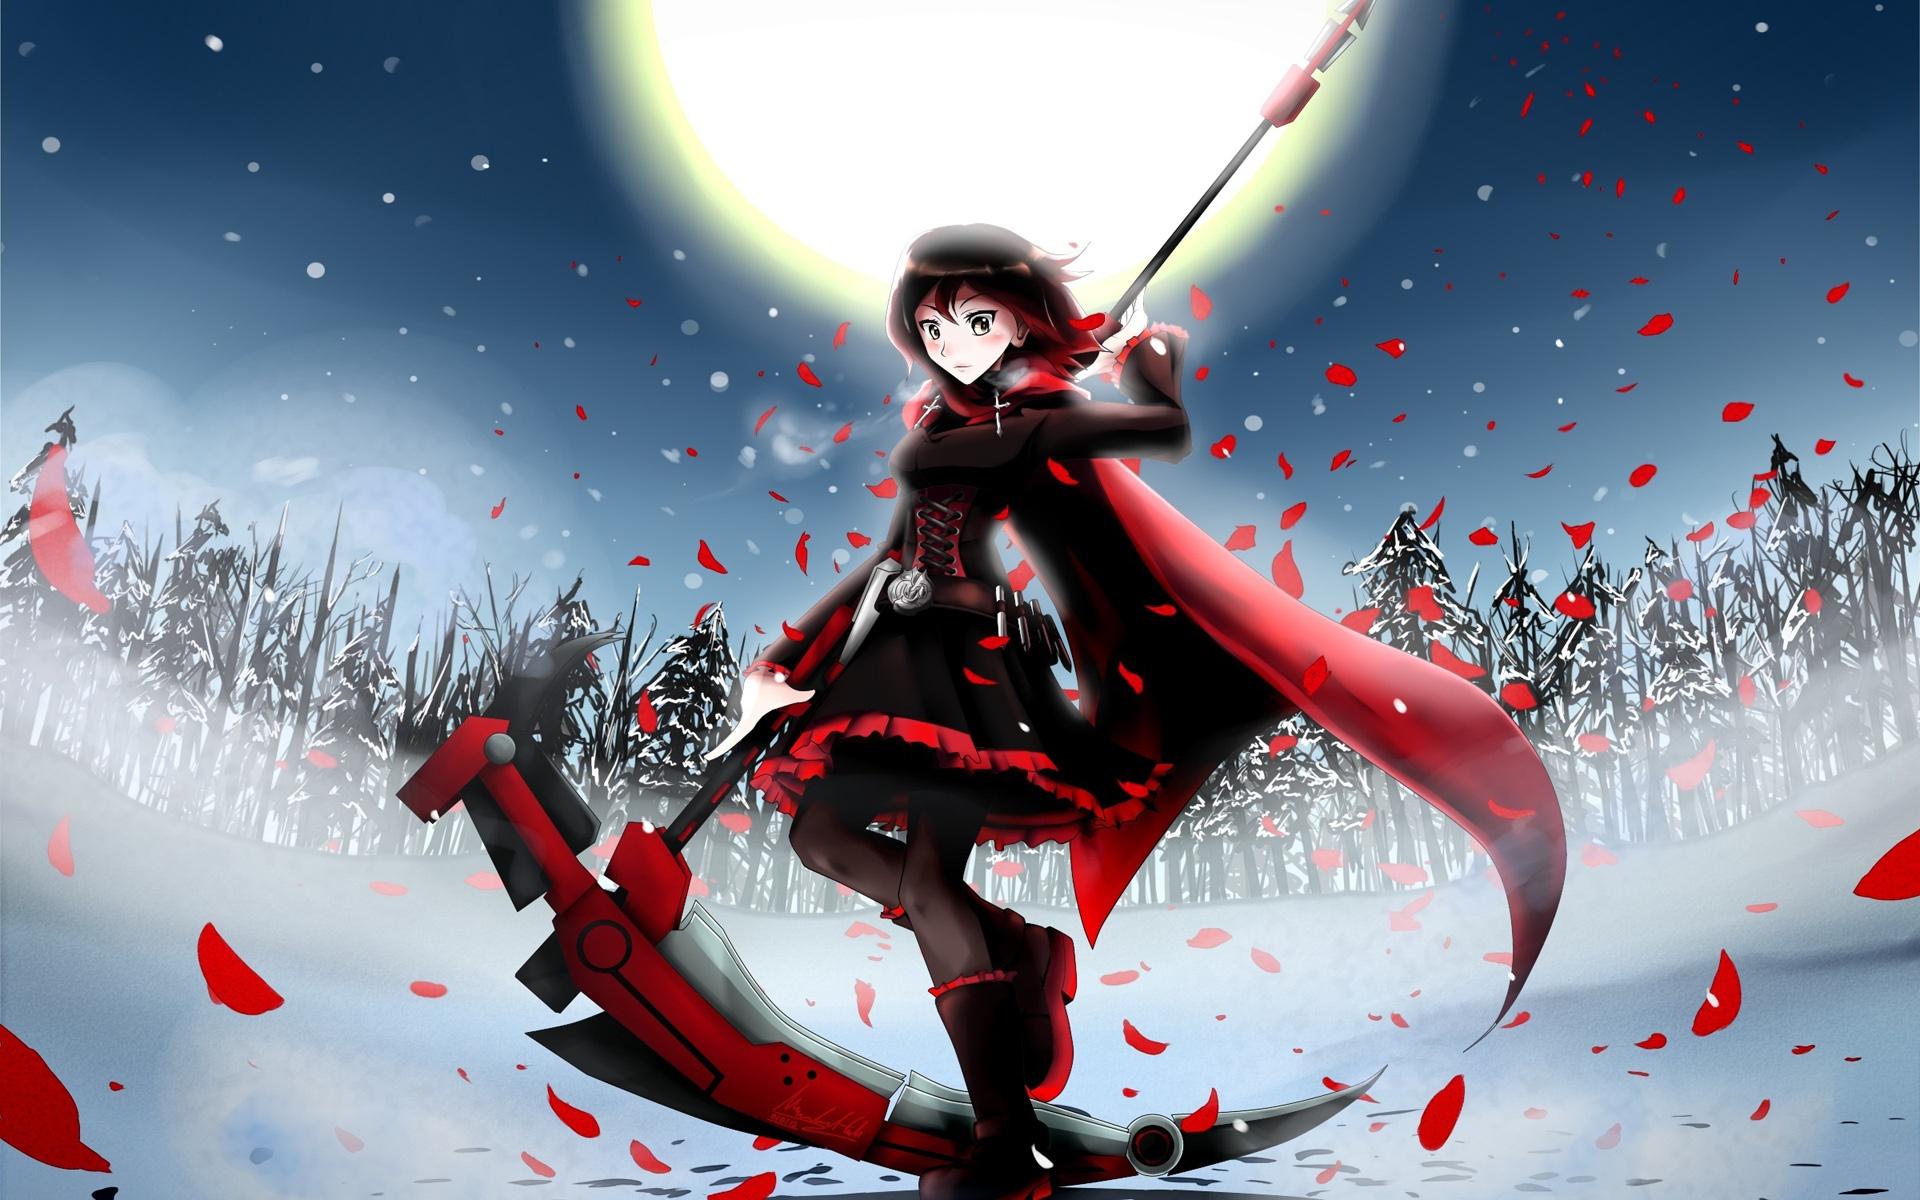 Anime Mädchen im Winter Nacht, Mond, Felder 1920x1200 HD ...